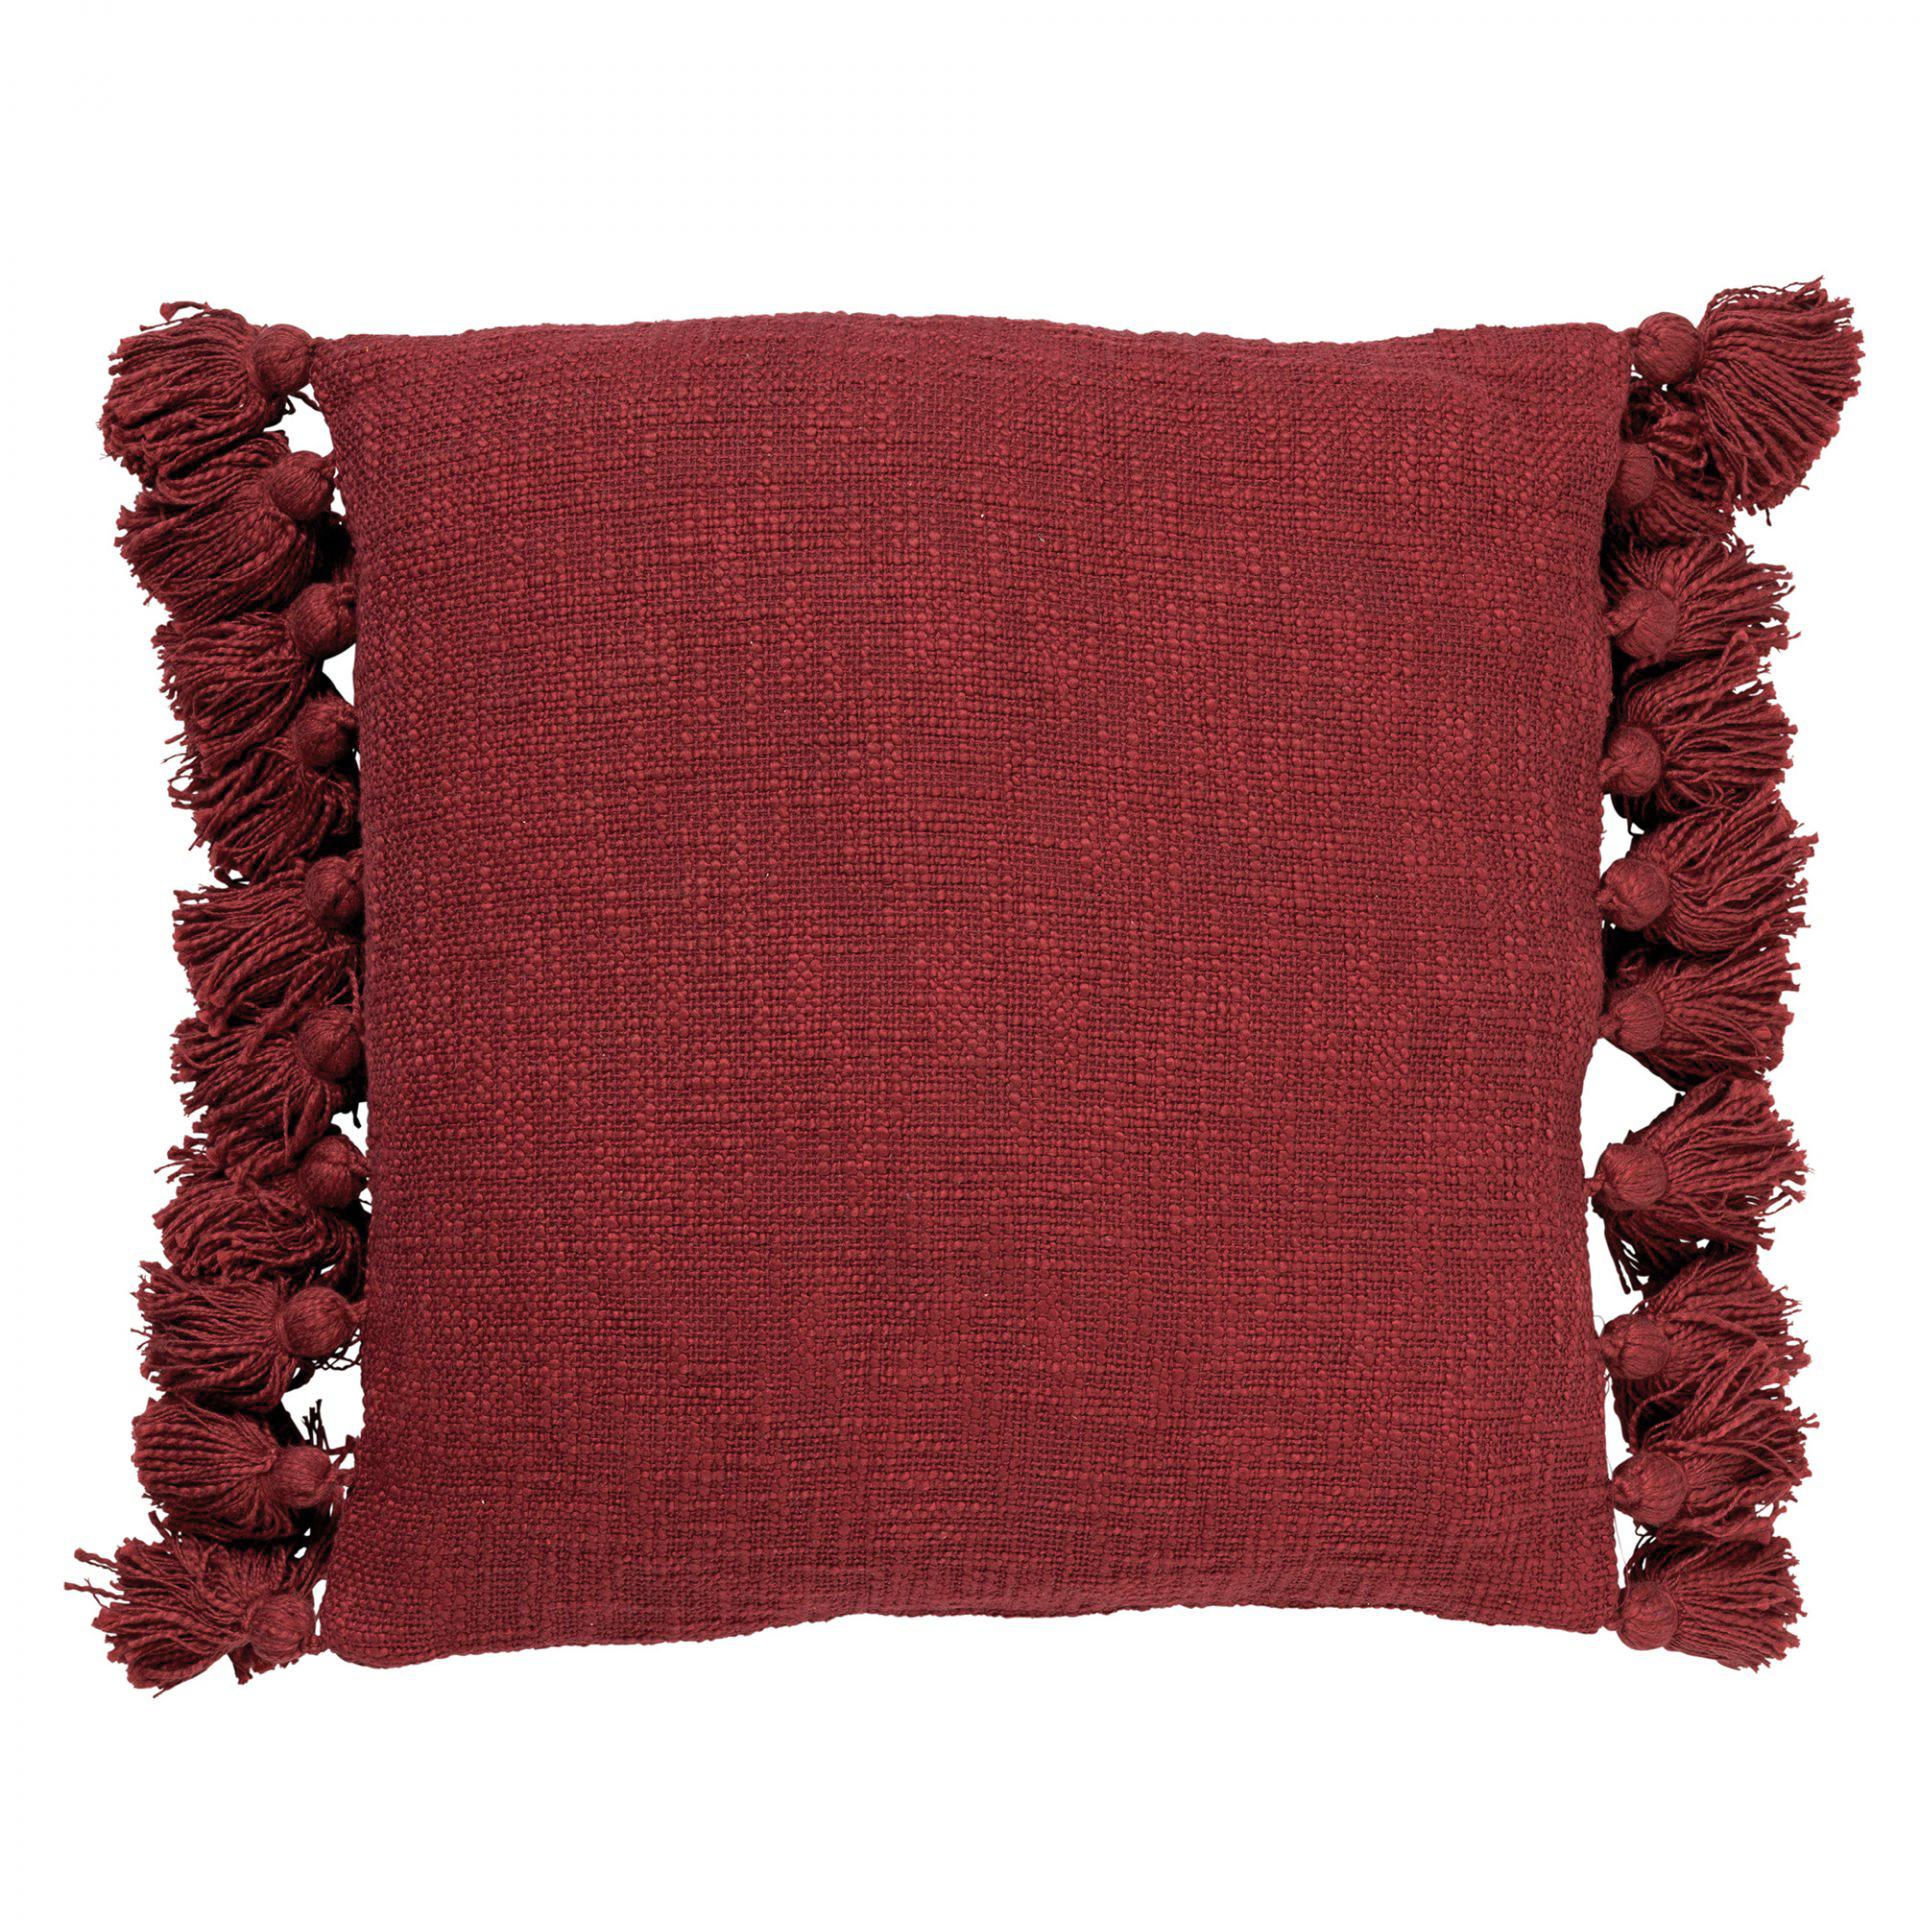 RUBY - Sierkussen van katoen Merlot 45x45 cm